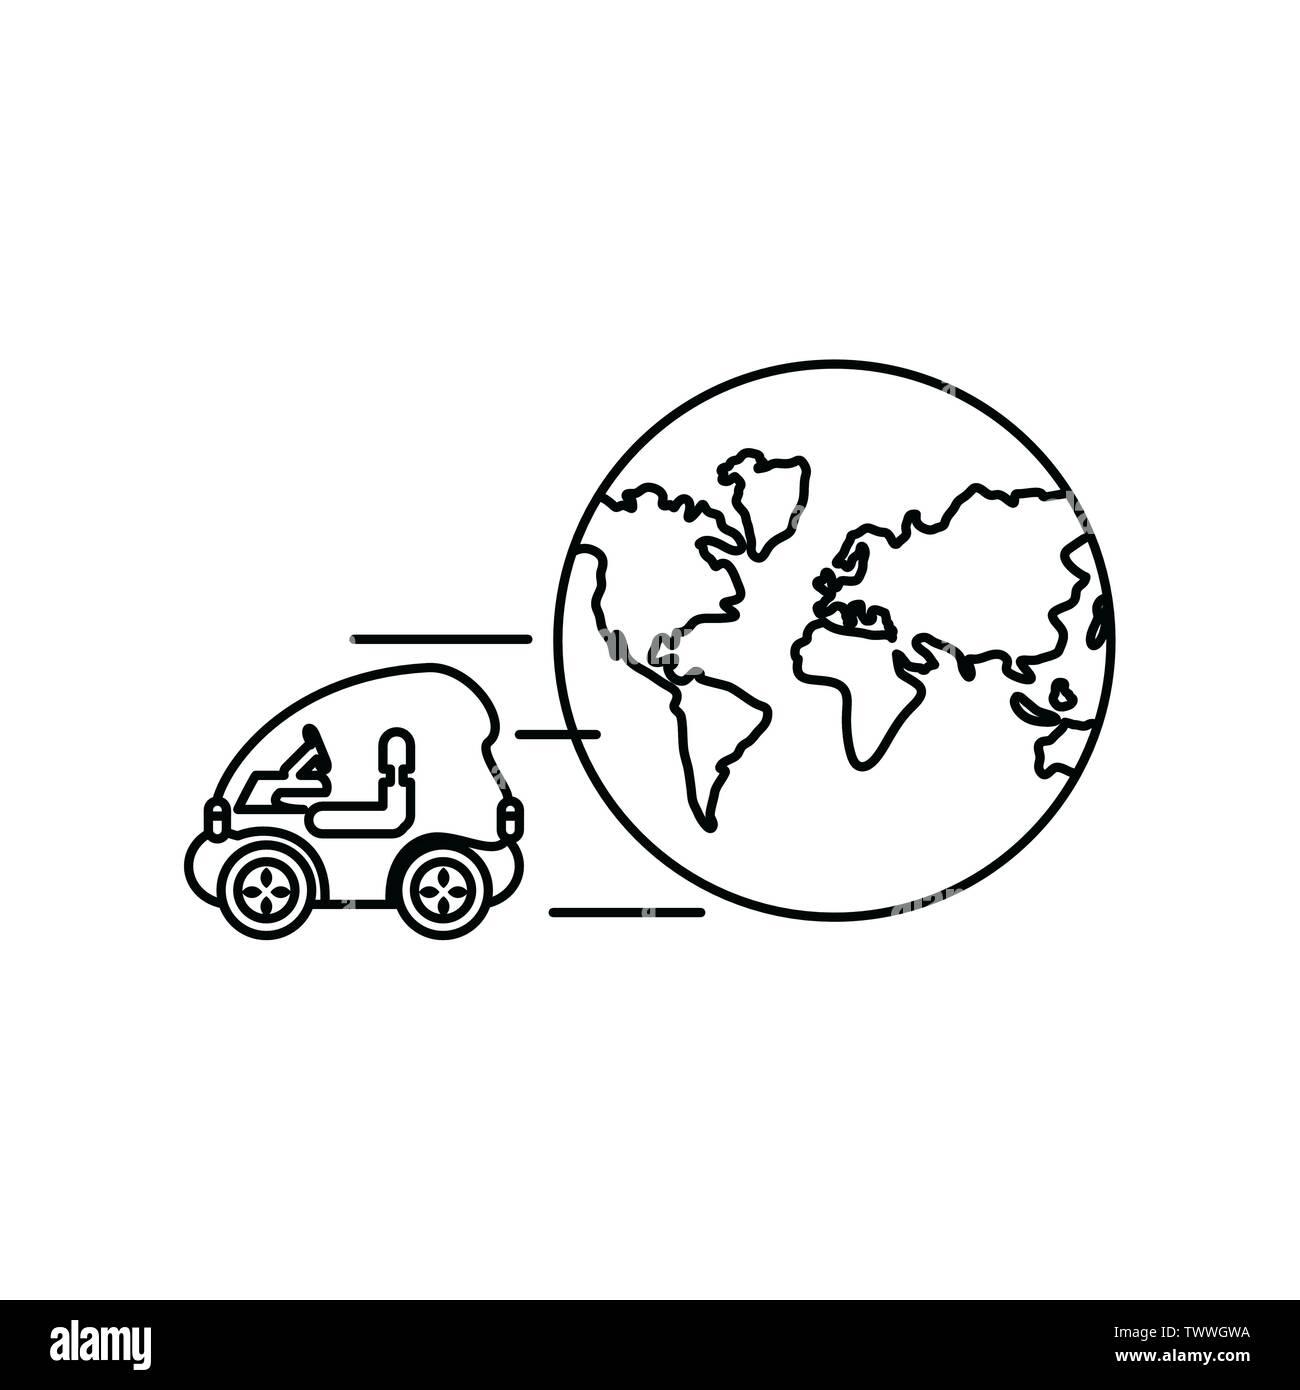 Voiture et planet Design, Eco city sauver la planète penser vert et de recyclage thème Vector illustration Photo Stock